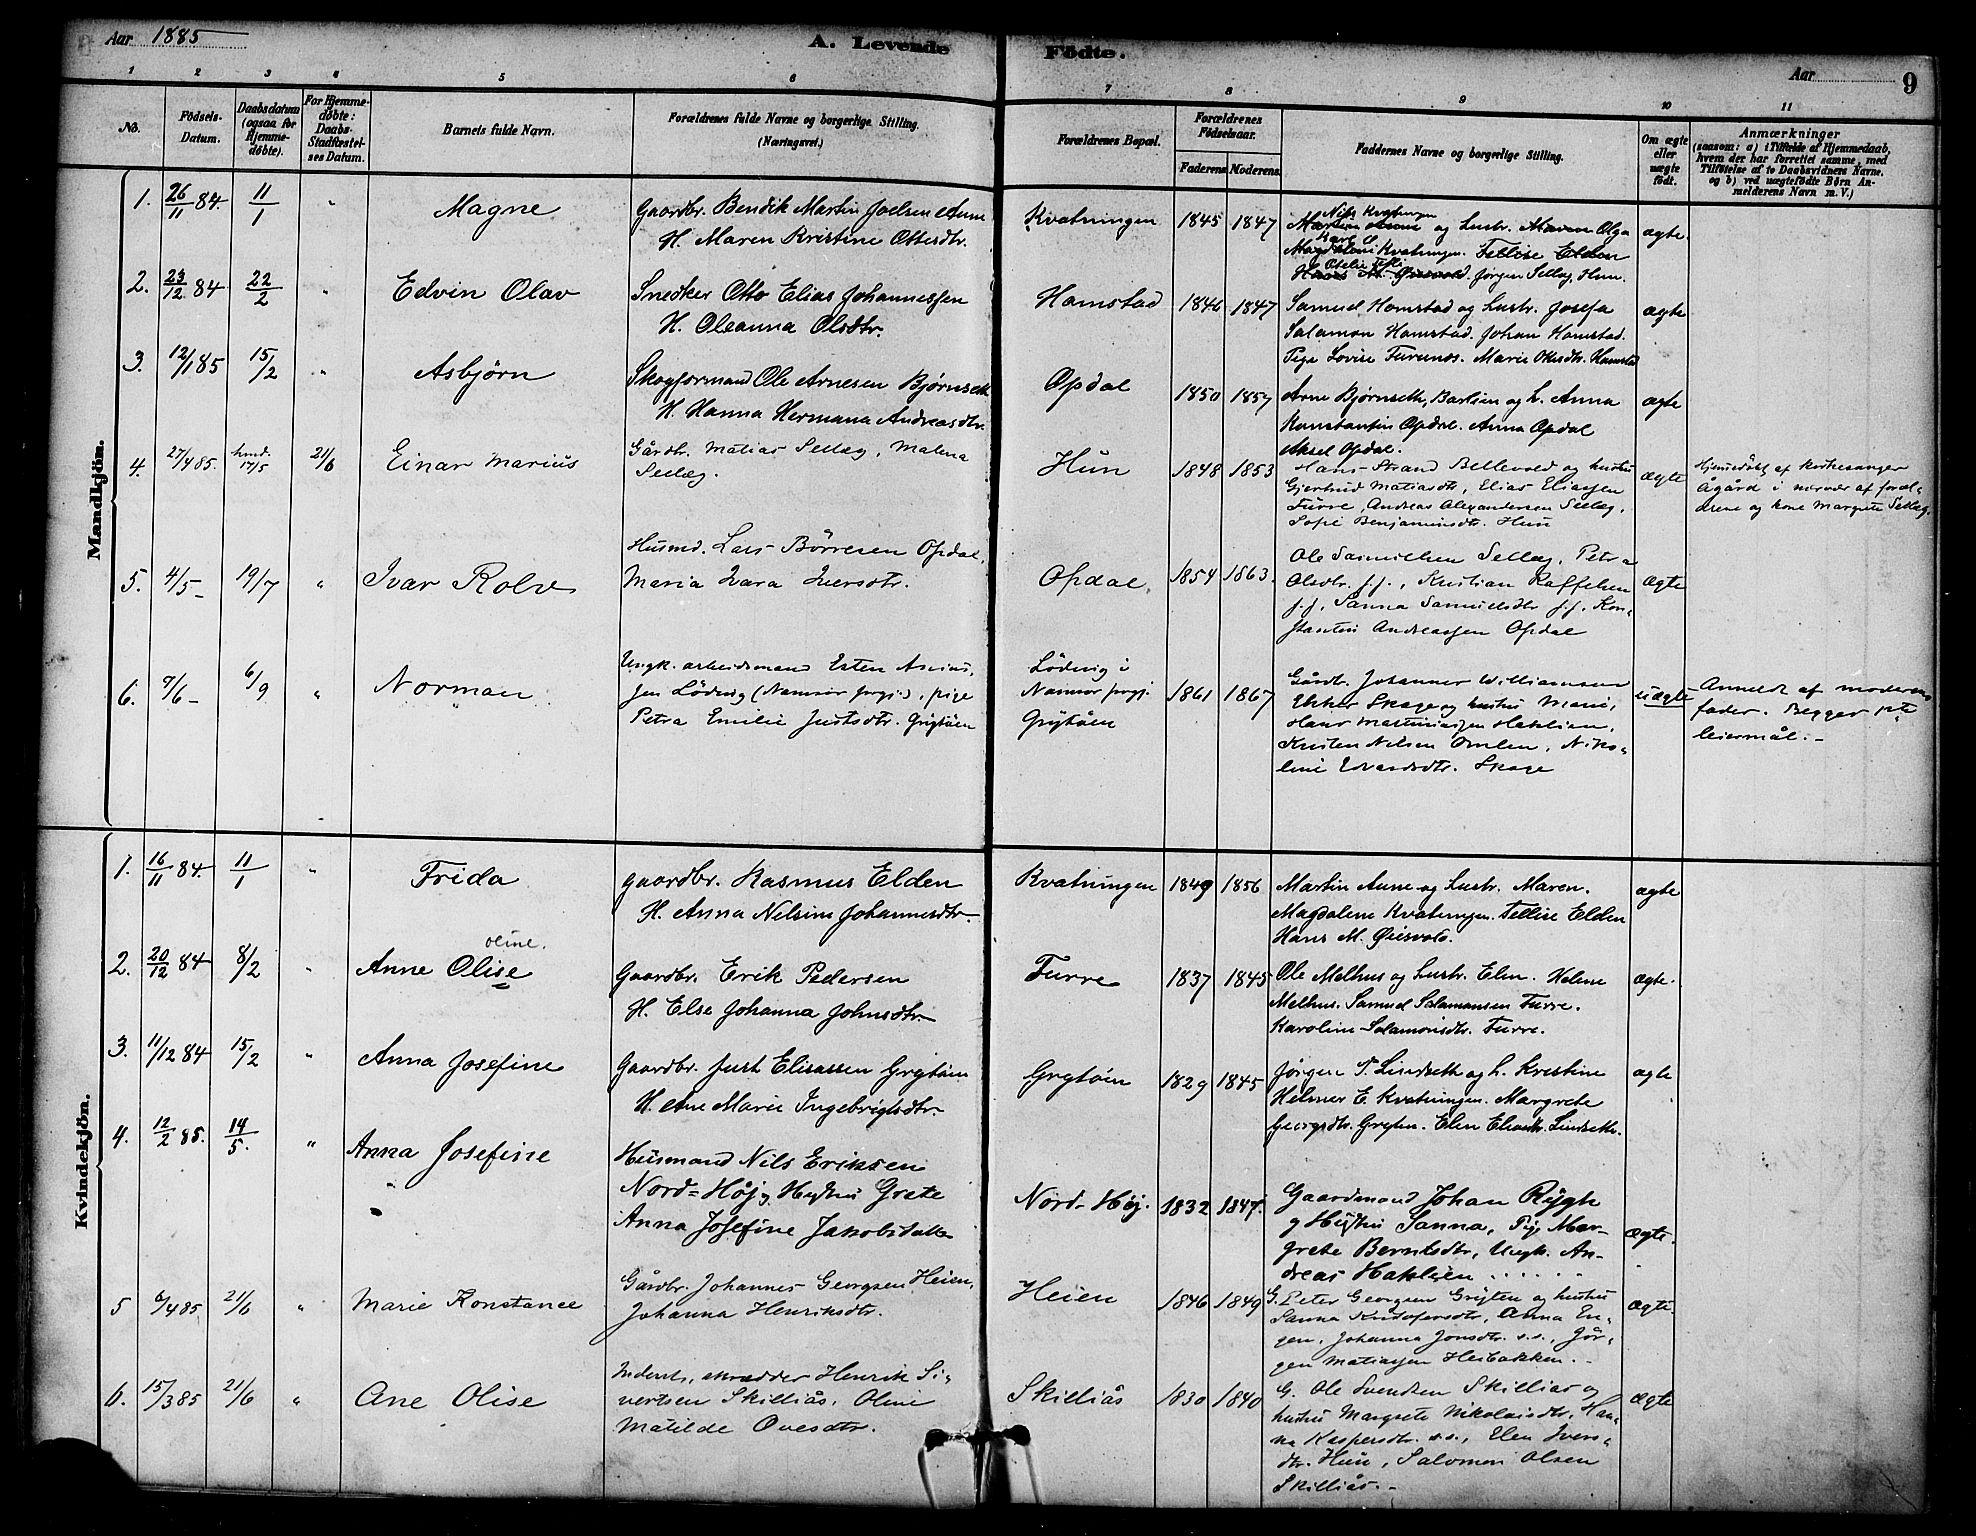 SAT, Ministerialprotokoller, klokkerbøker og fødselsregistre - Nord-Trøndelag, 766/L0563: Ministerialbok nr. 767A01, 1881-1899, s. 9